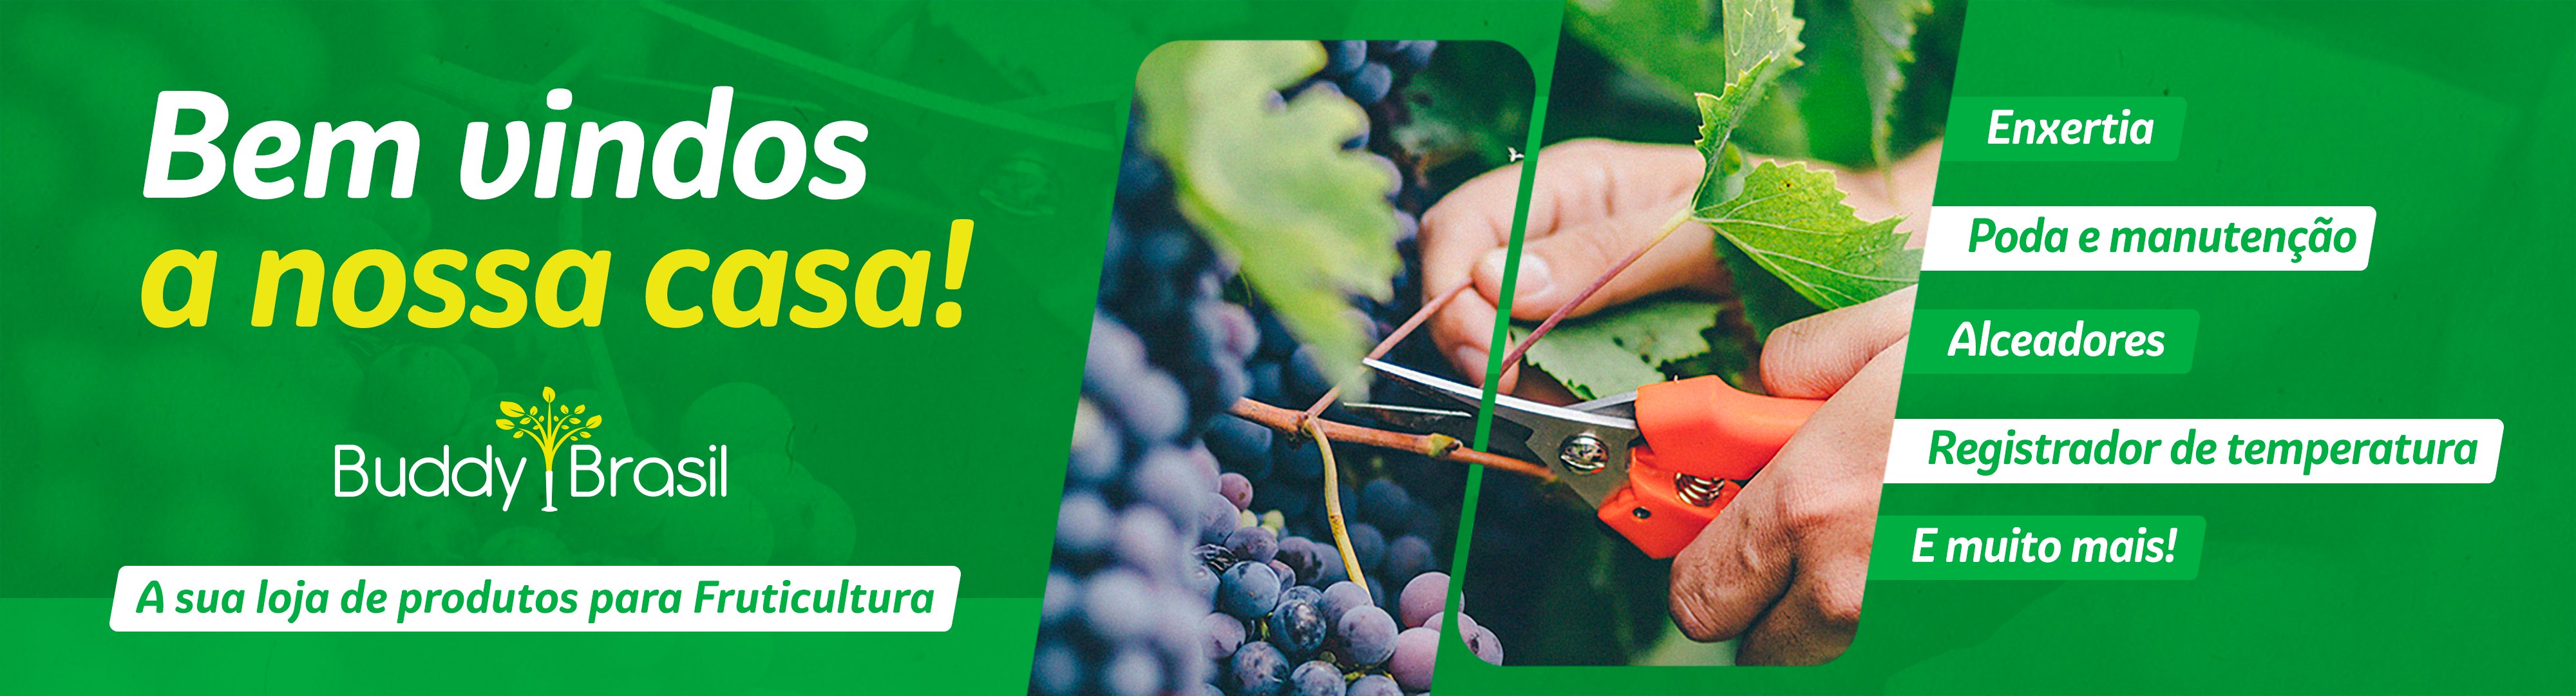 a buddy brasil é uma loja especializada em produtos para fruticultura: produtos para enxertos, ferramentas de podas e manutenção, alceadores, peças e acessórios